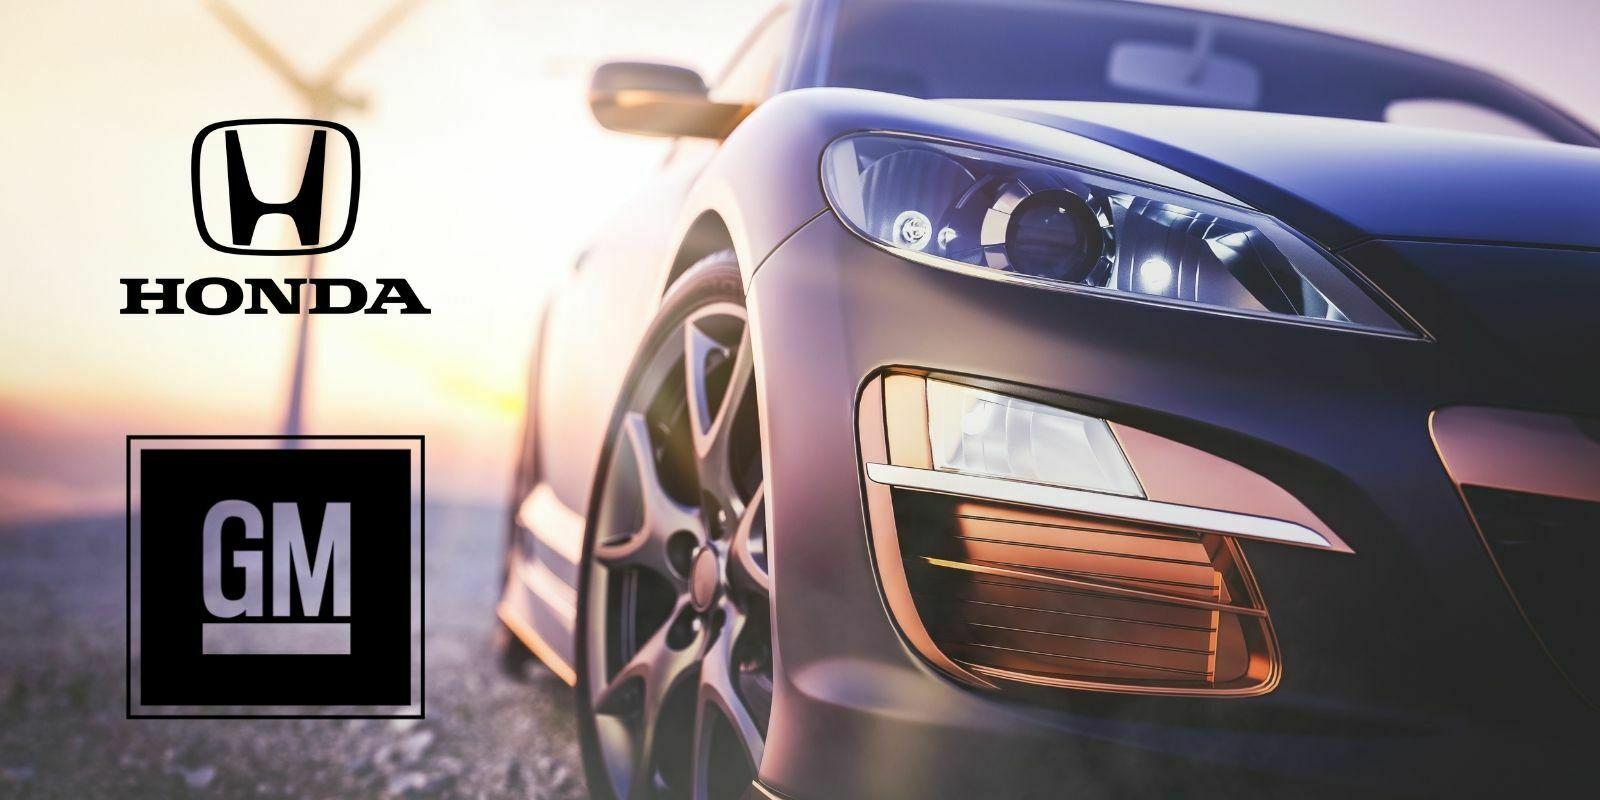 Honda et GM esquissent un réseau blockchain pour recharger les voitures électriques